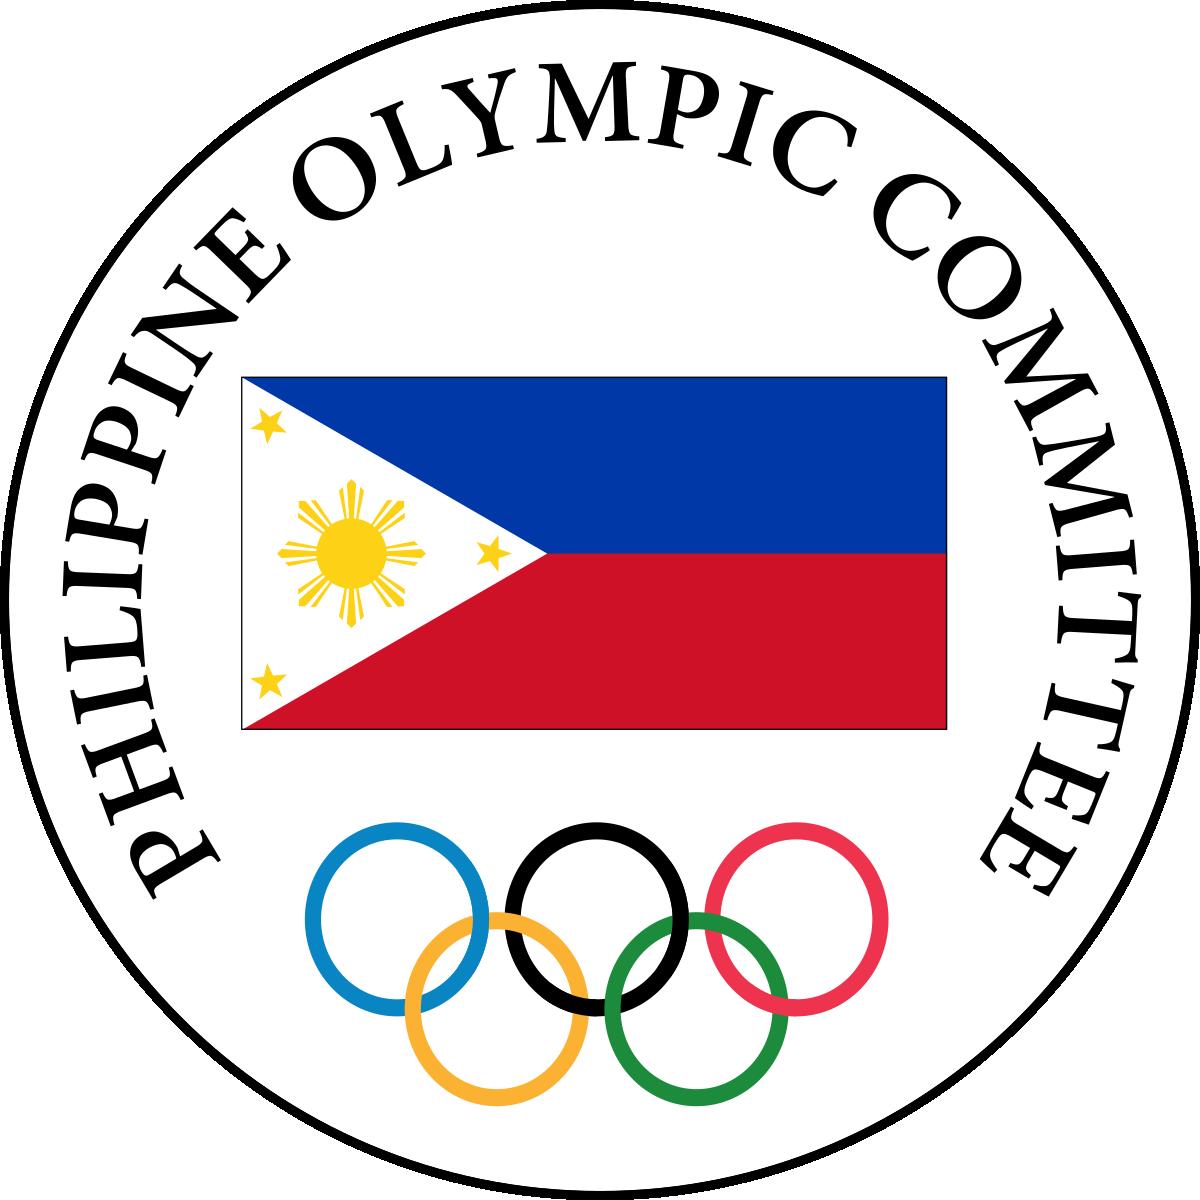 Aranas targeting increased sponsorship for Philippine Olympic Committee in leadership bid